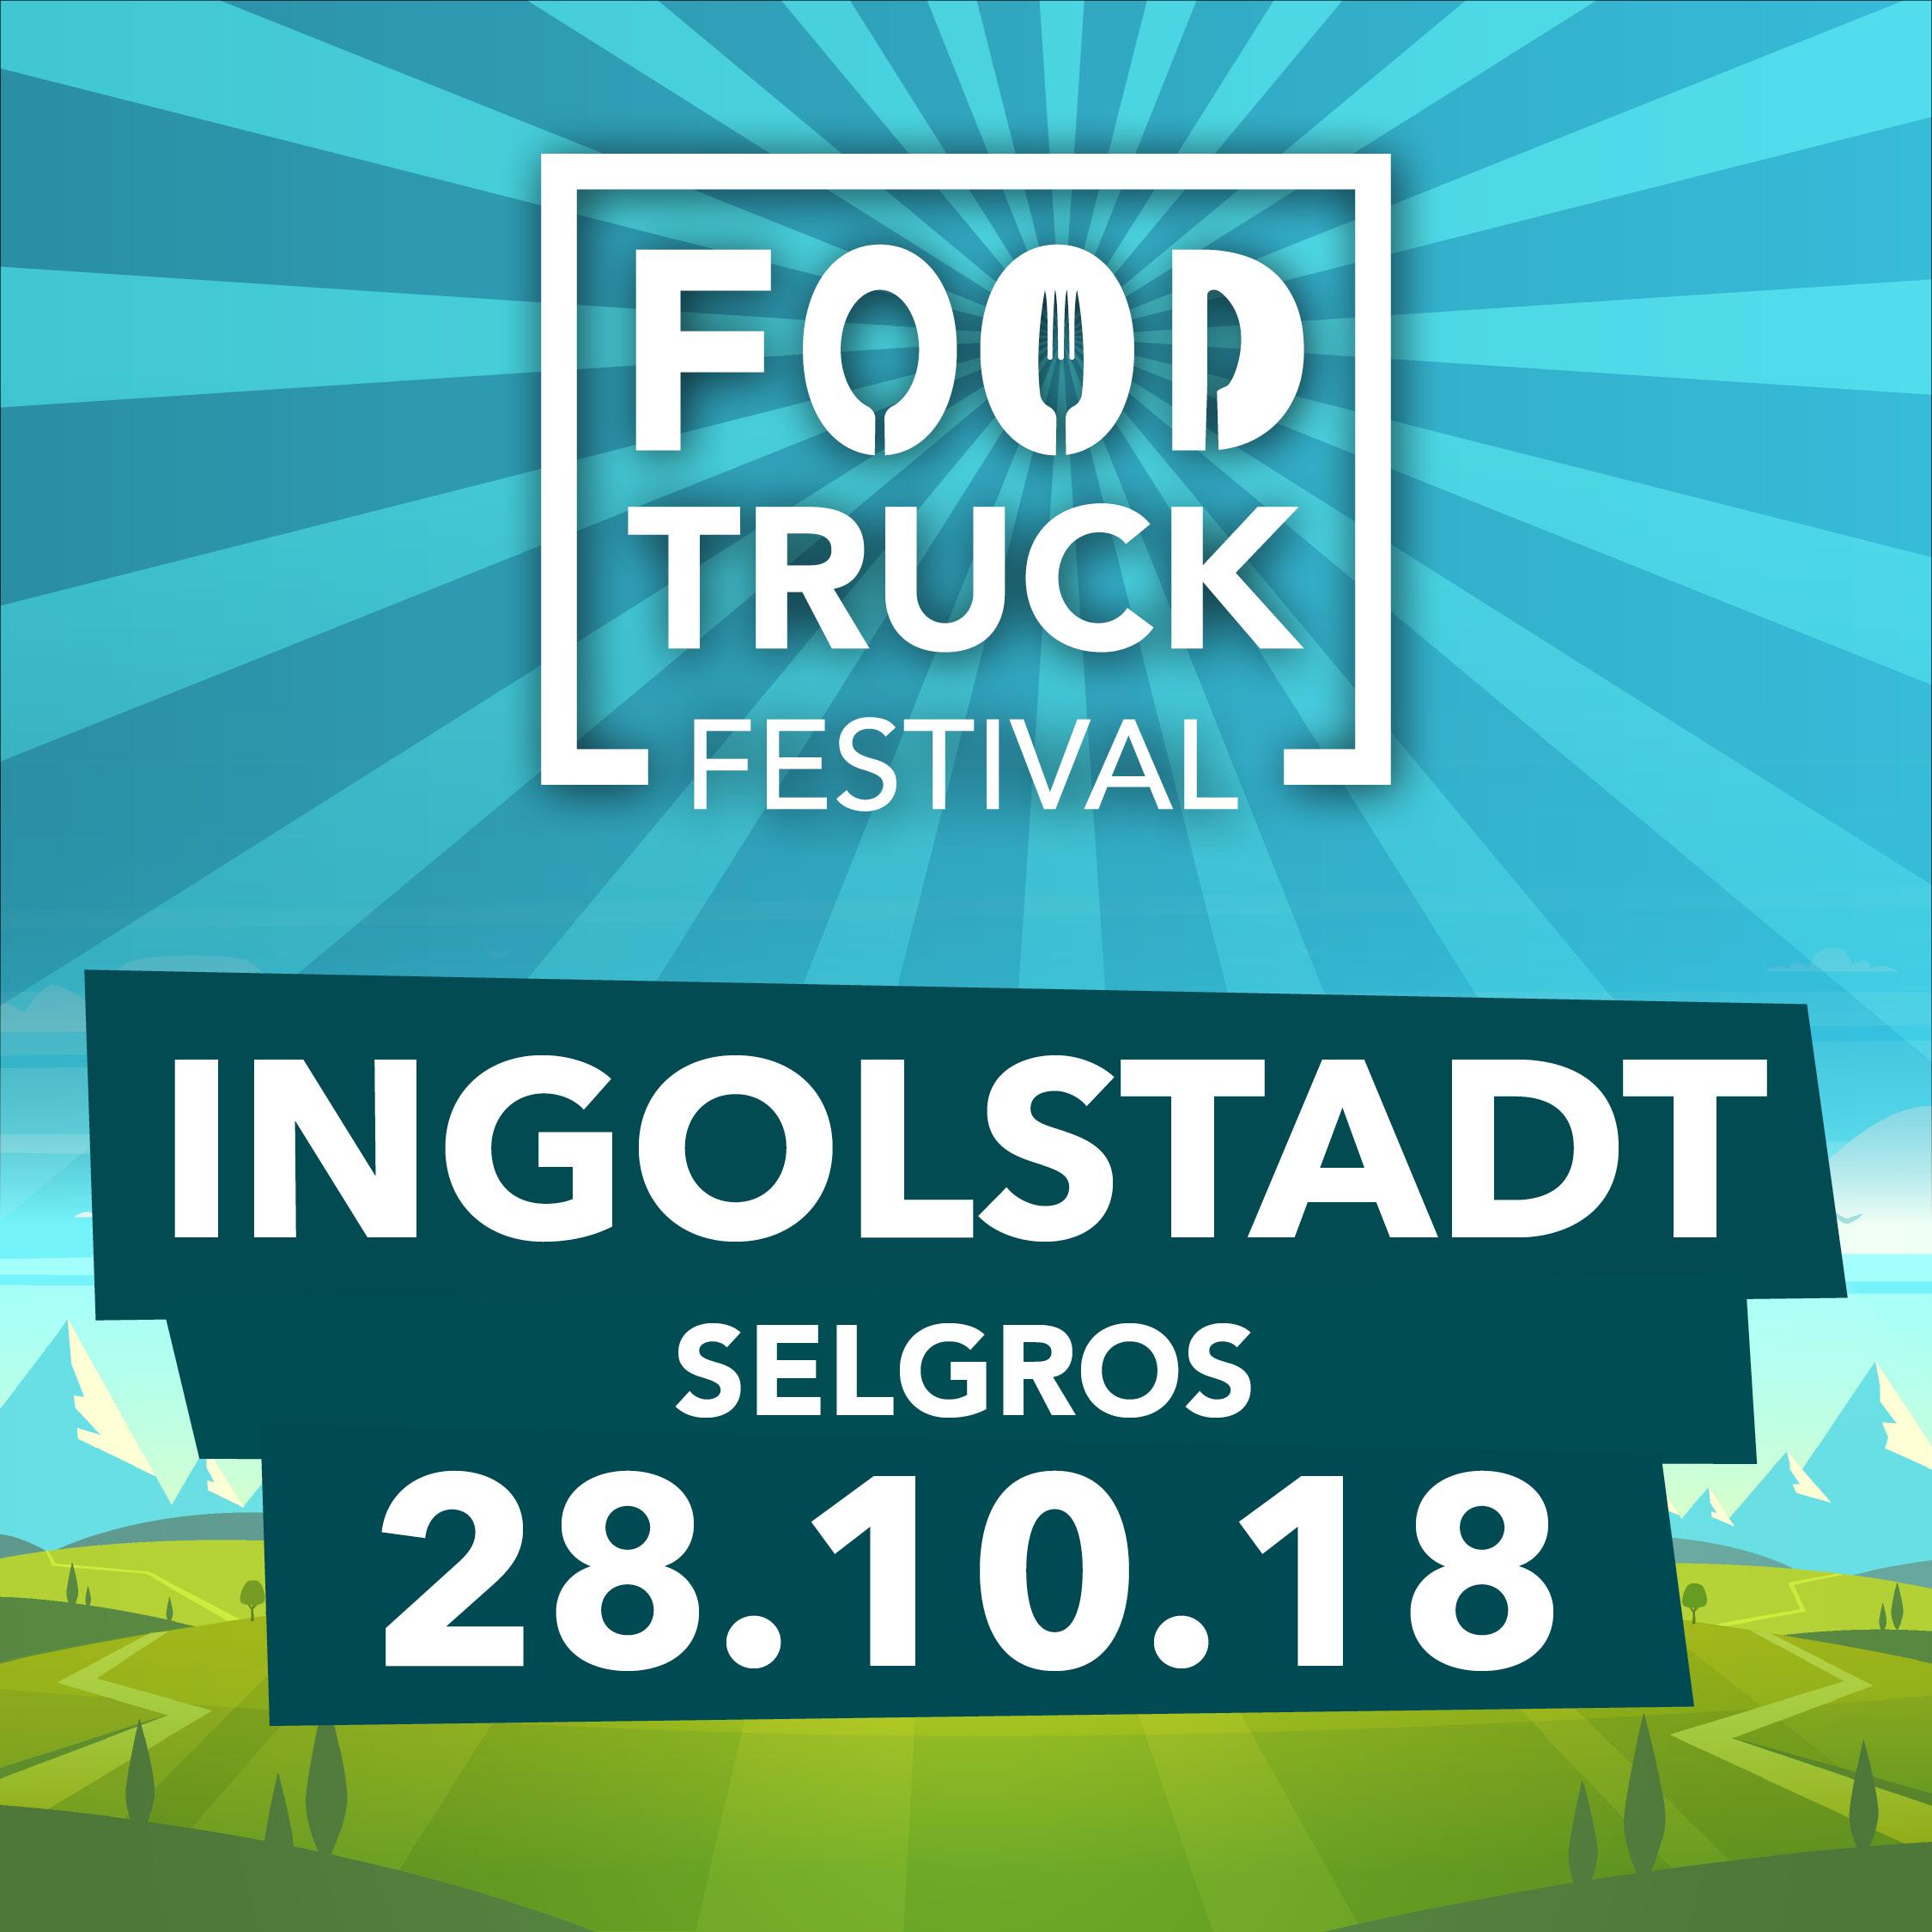 Food Truck Ingolstadt : foodtruck festival ingolstadt 2018 foodtruck festivals ~ A.2002-acura-tl-radio.info Haus und Dekorationen